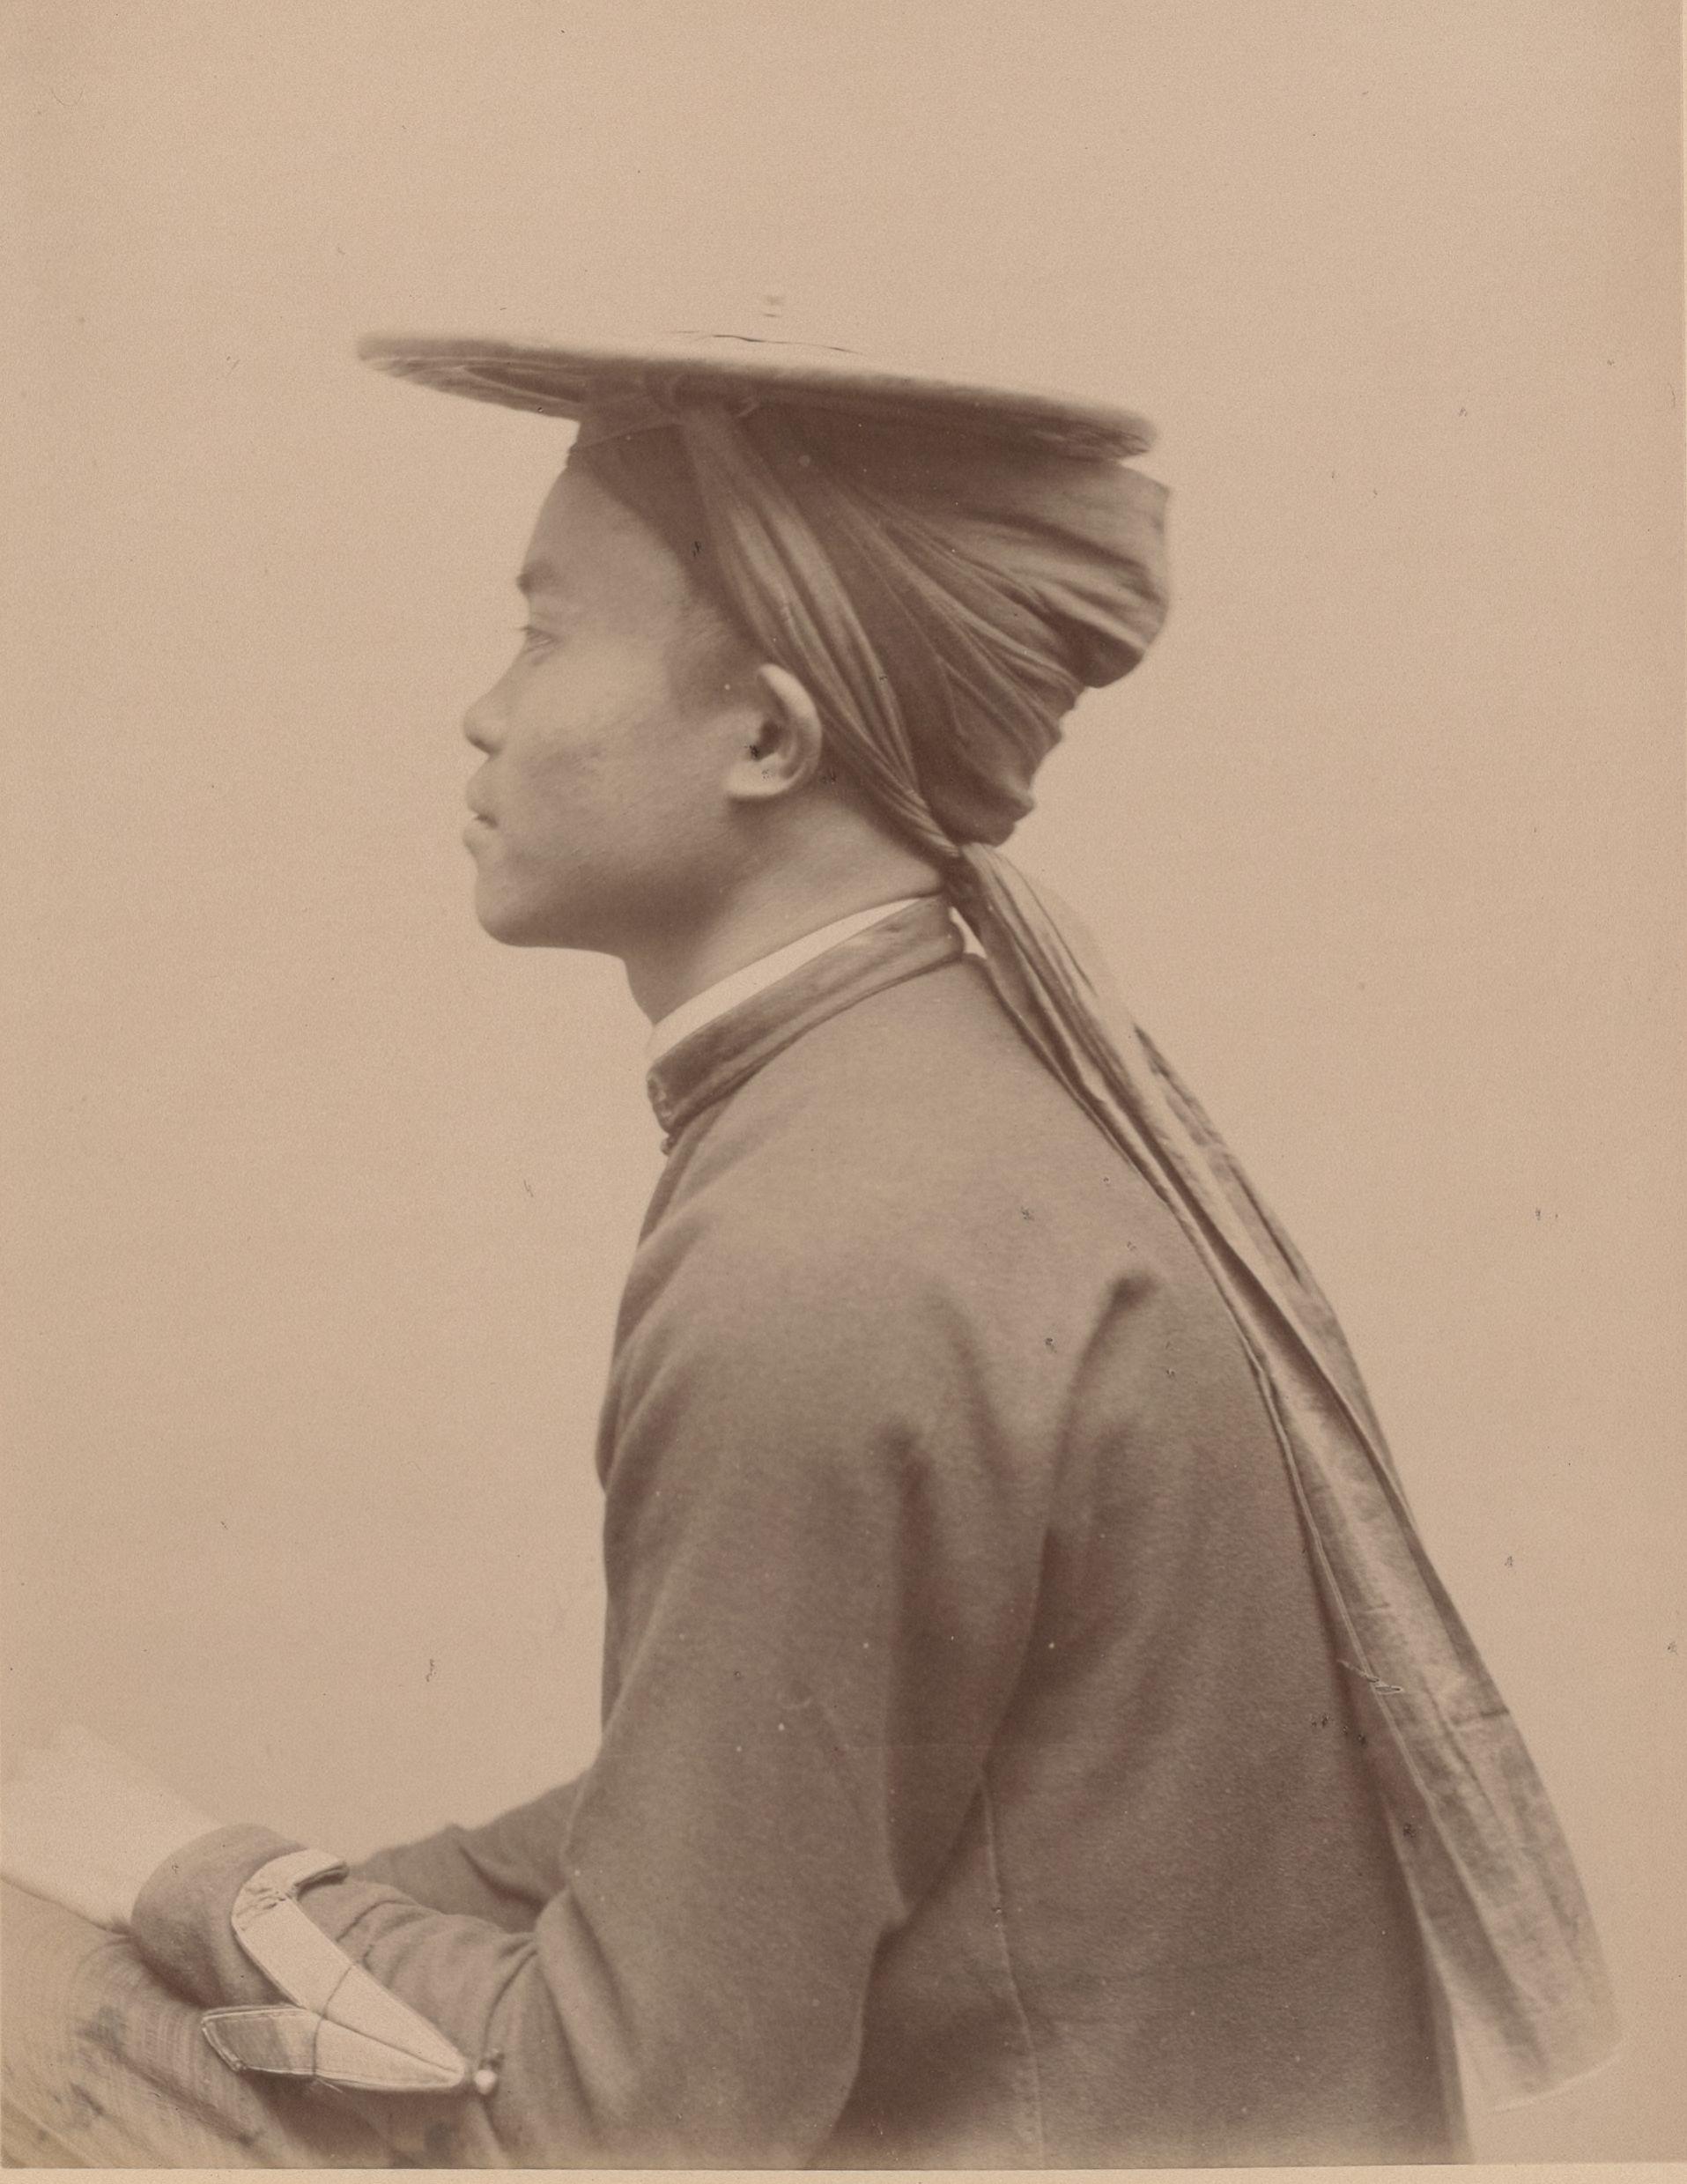 Нгхи, 24 года, Тонкин (профиль)